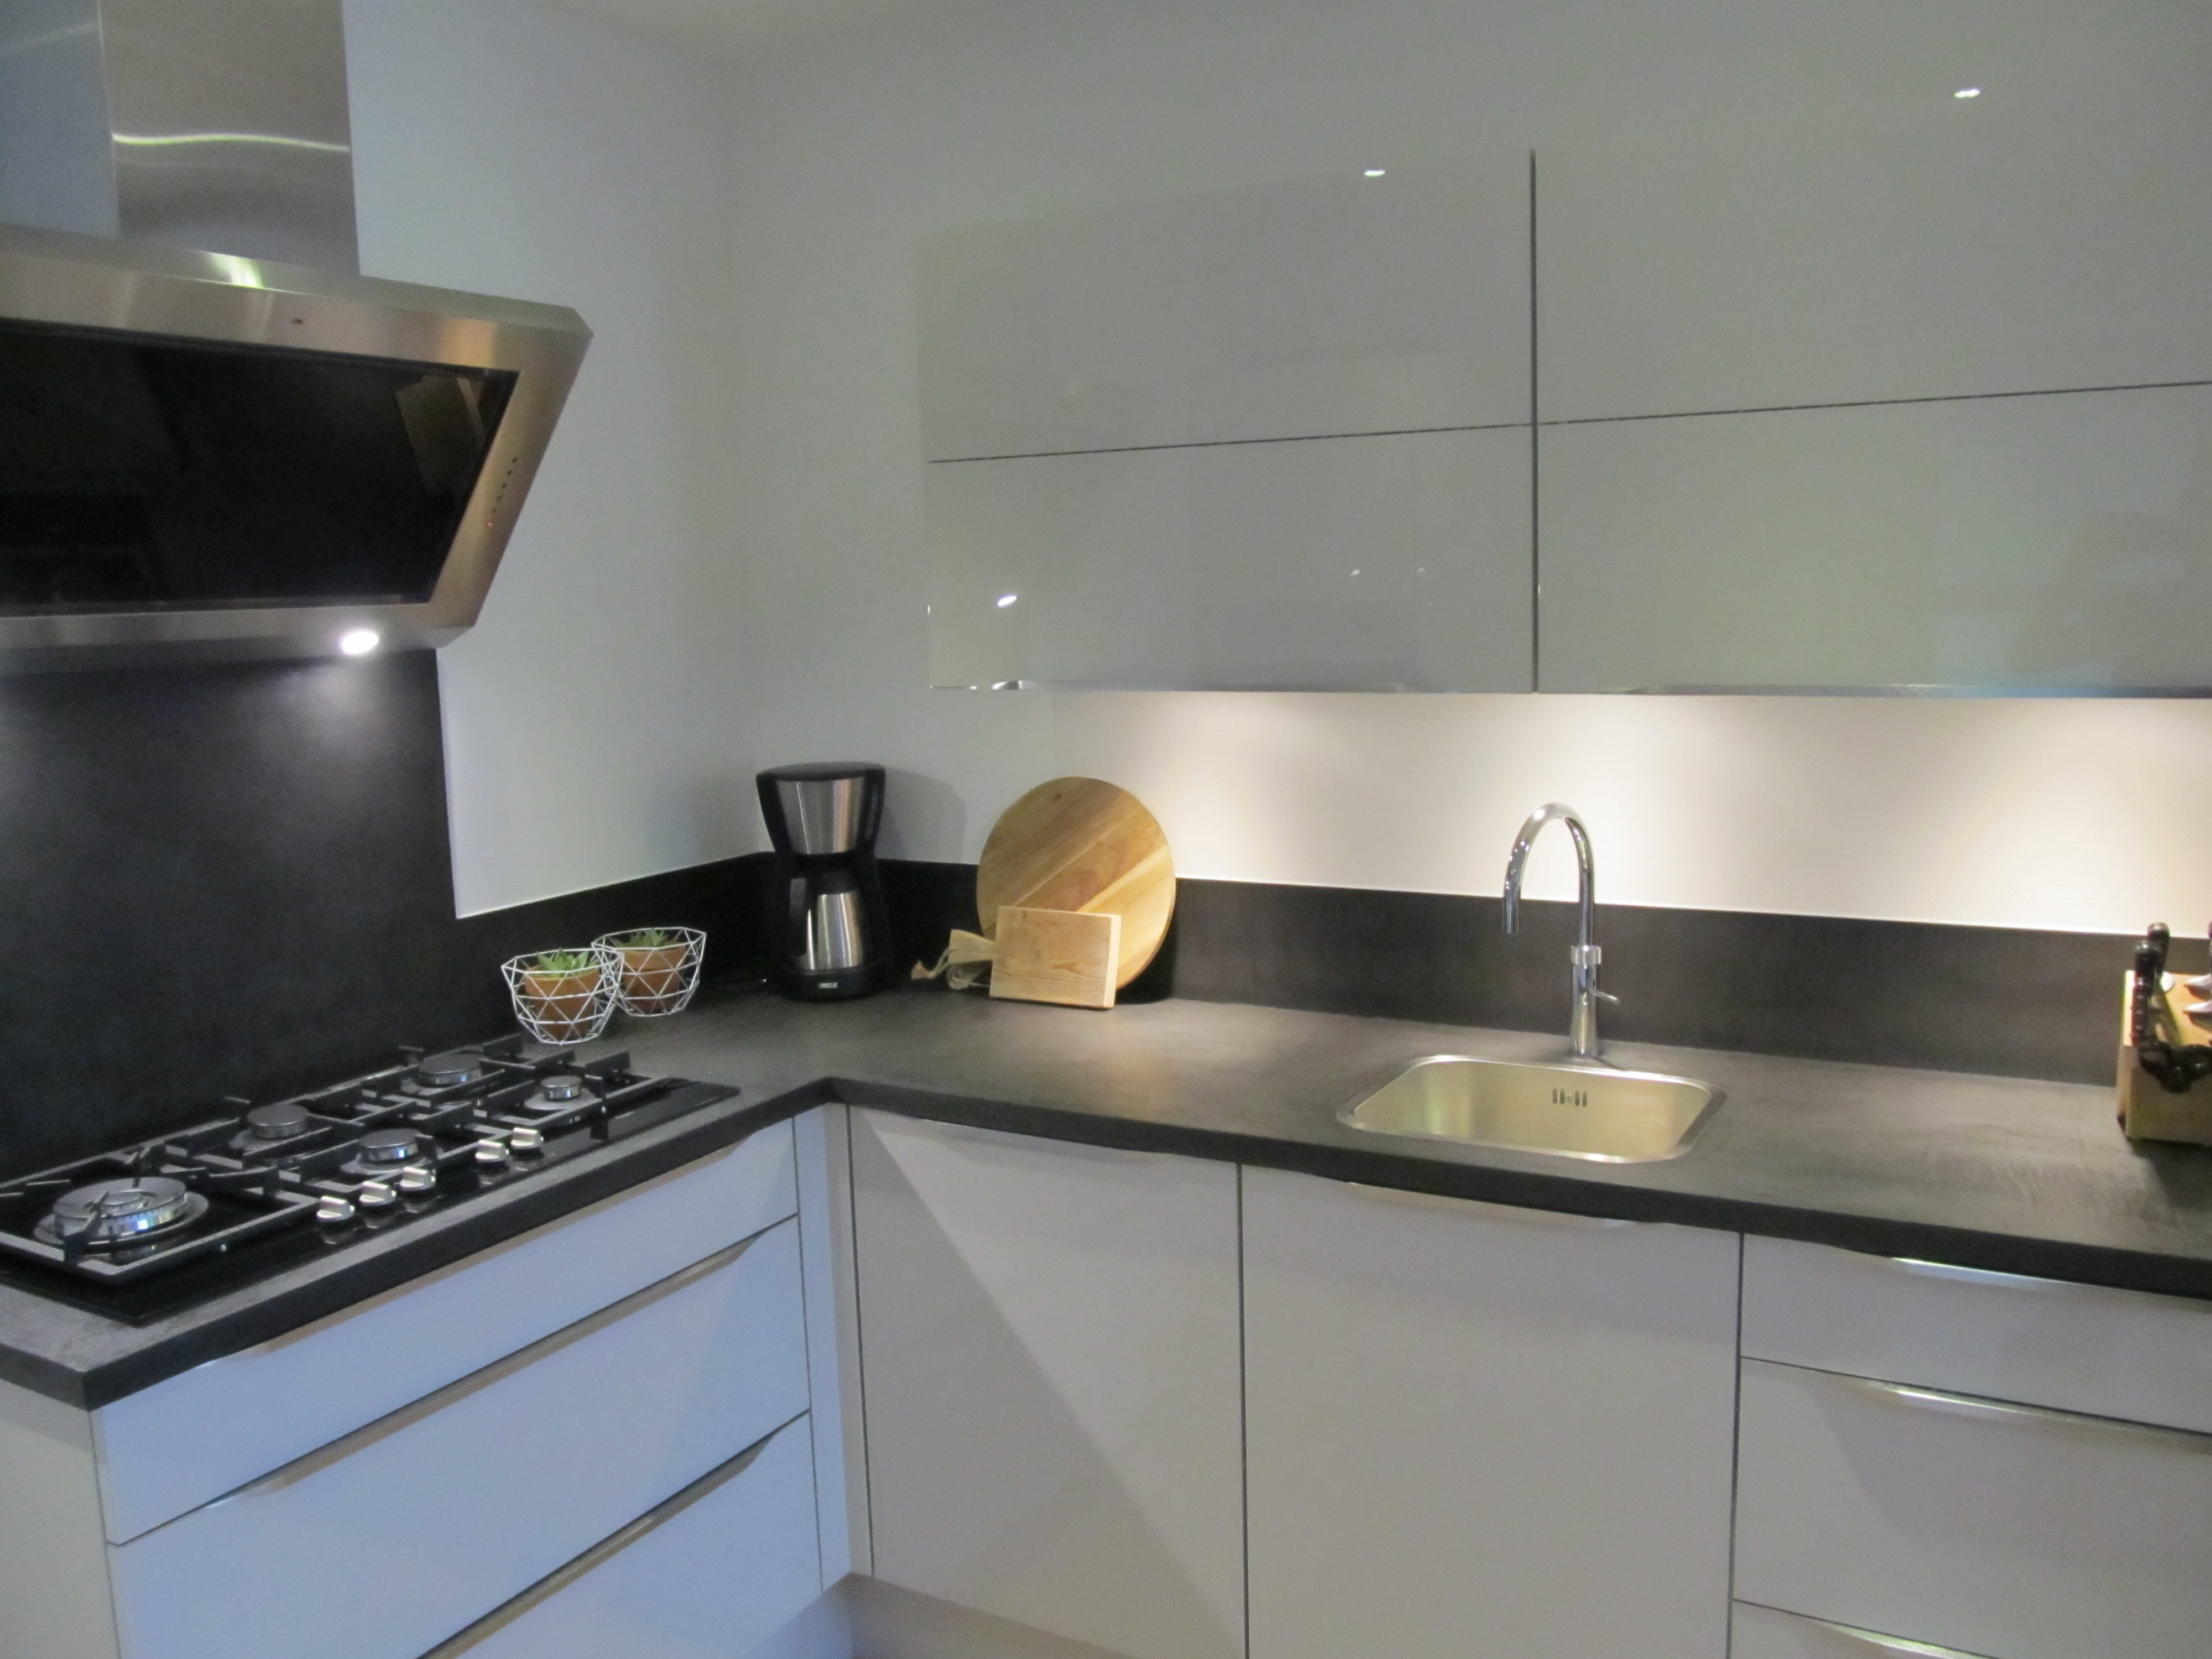 Keukens - Betegeld zwart wit geblokte keuken ...